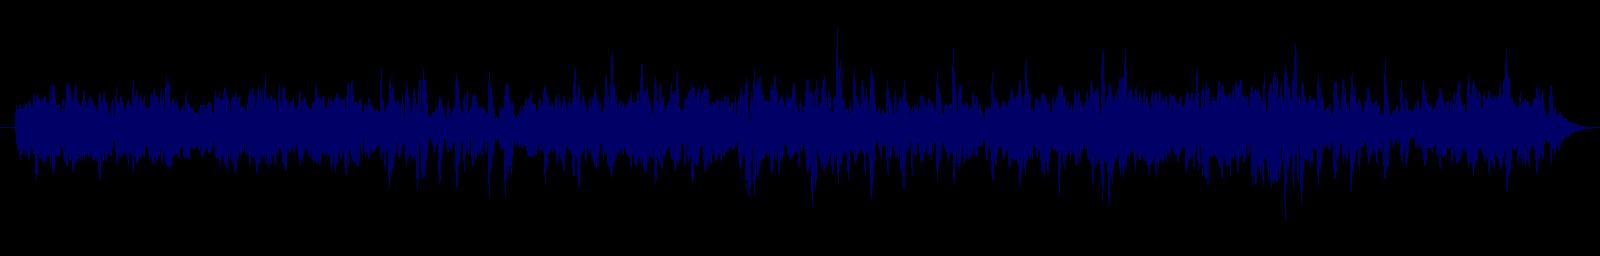 waveform of track #127384